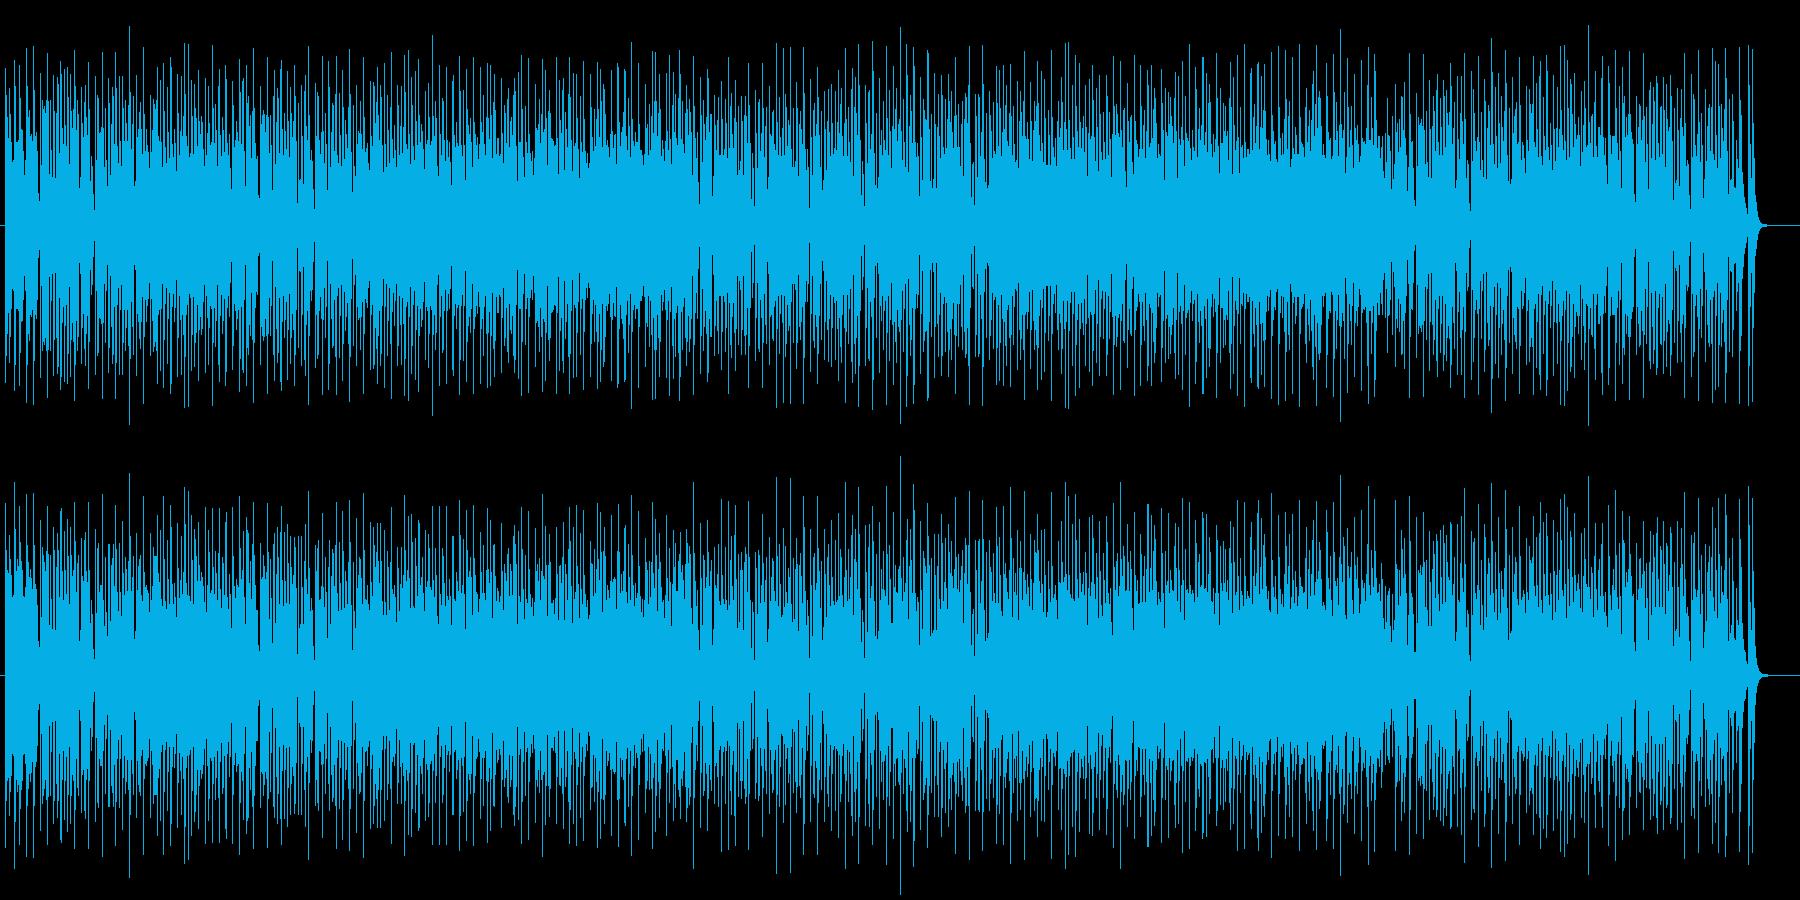 爽やかで心地よいミュージックの再生済みの波形